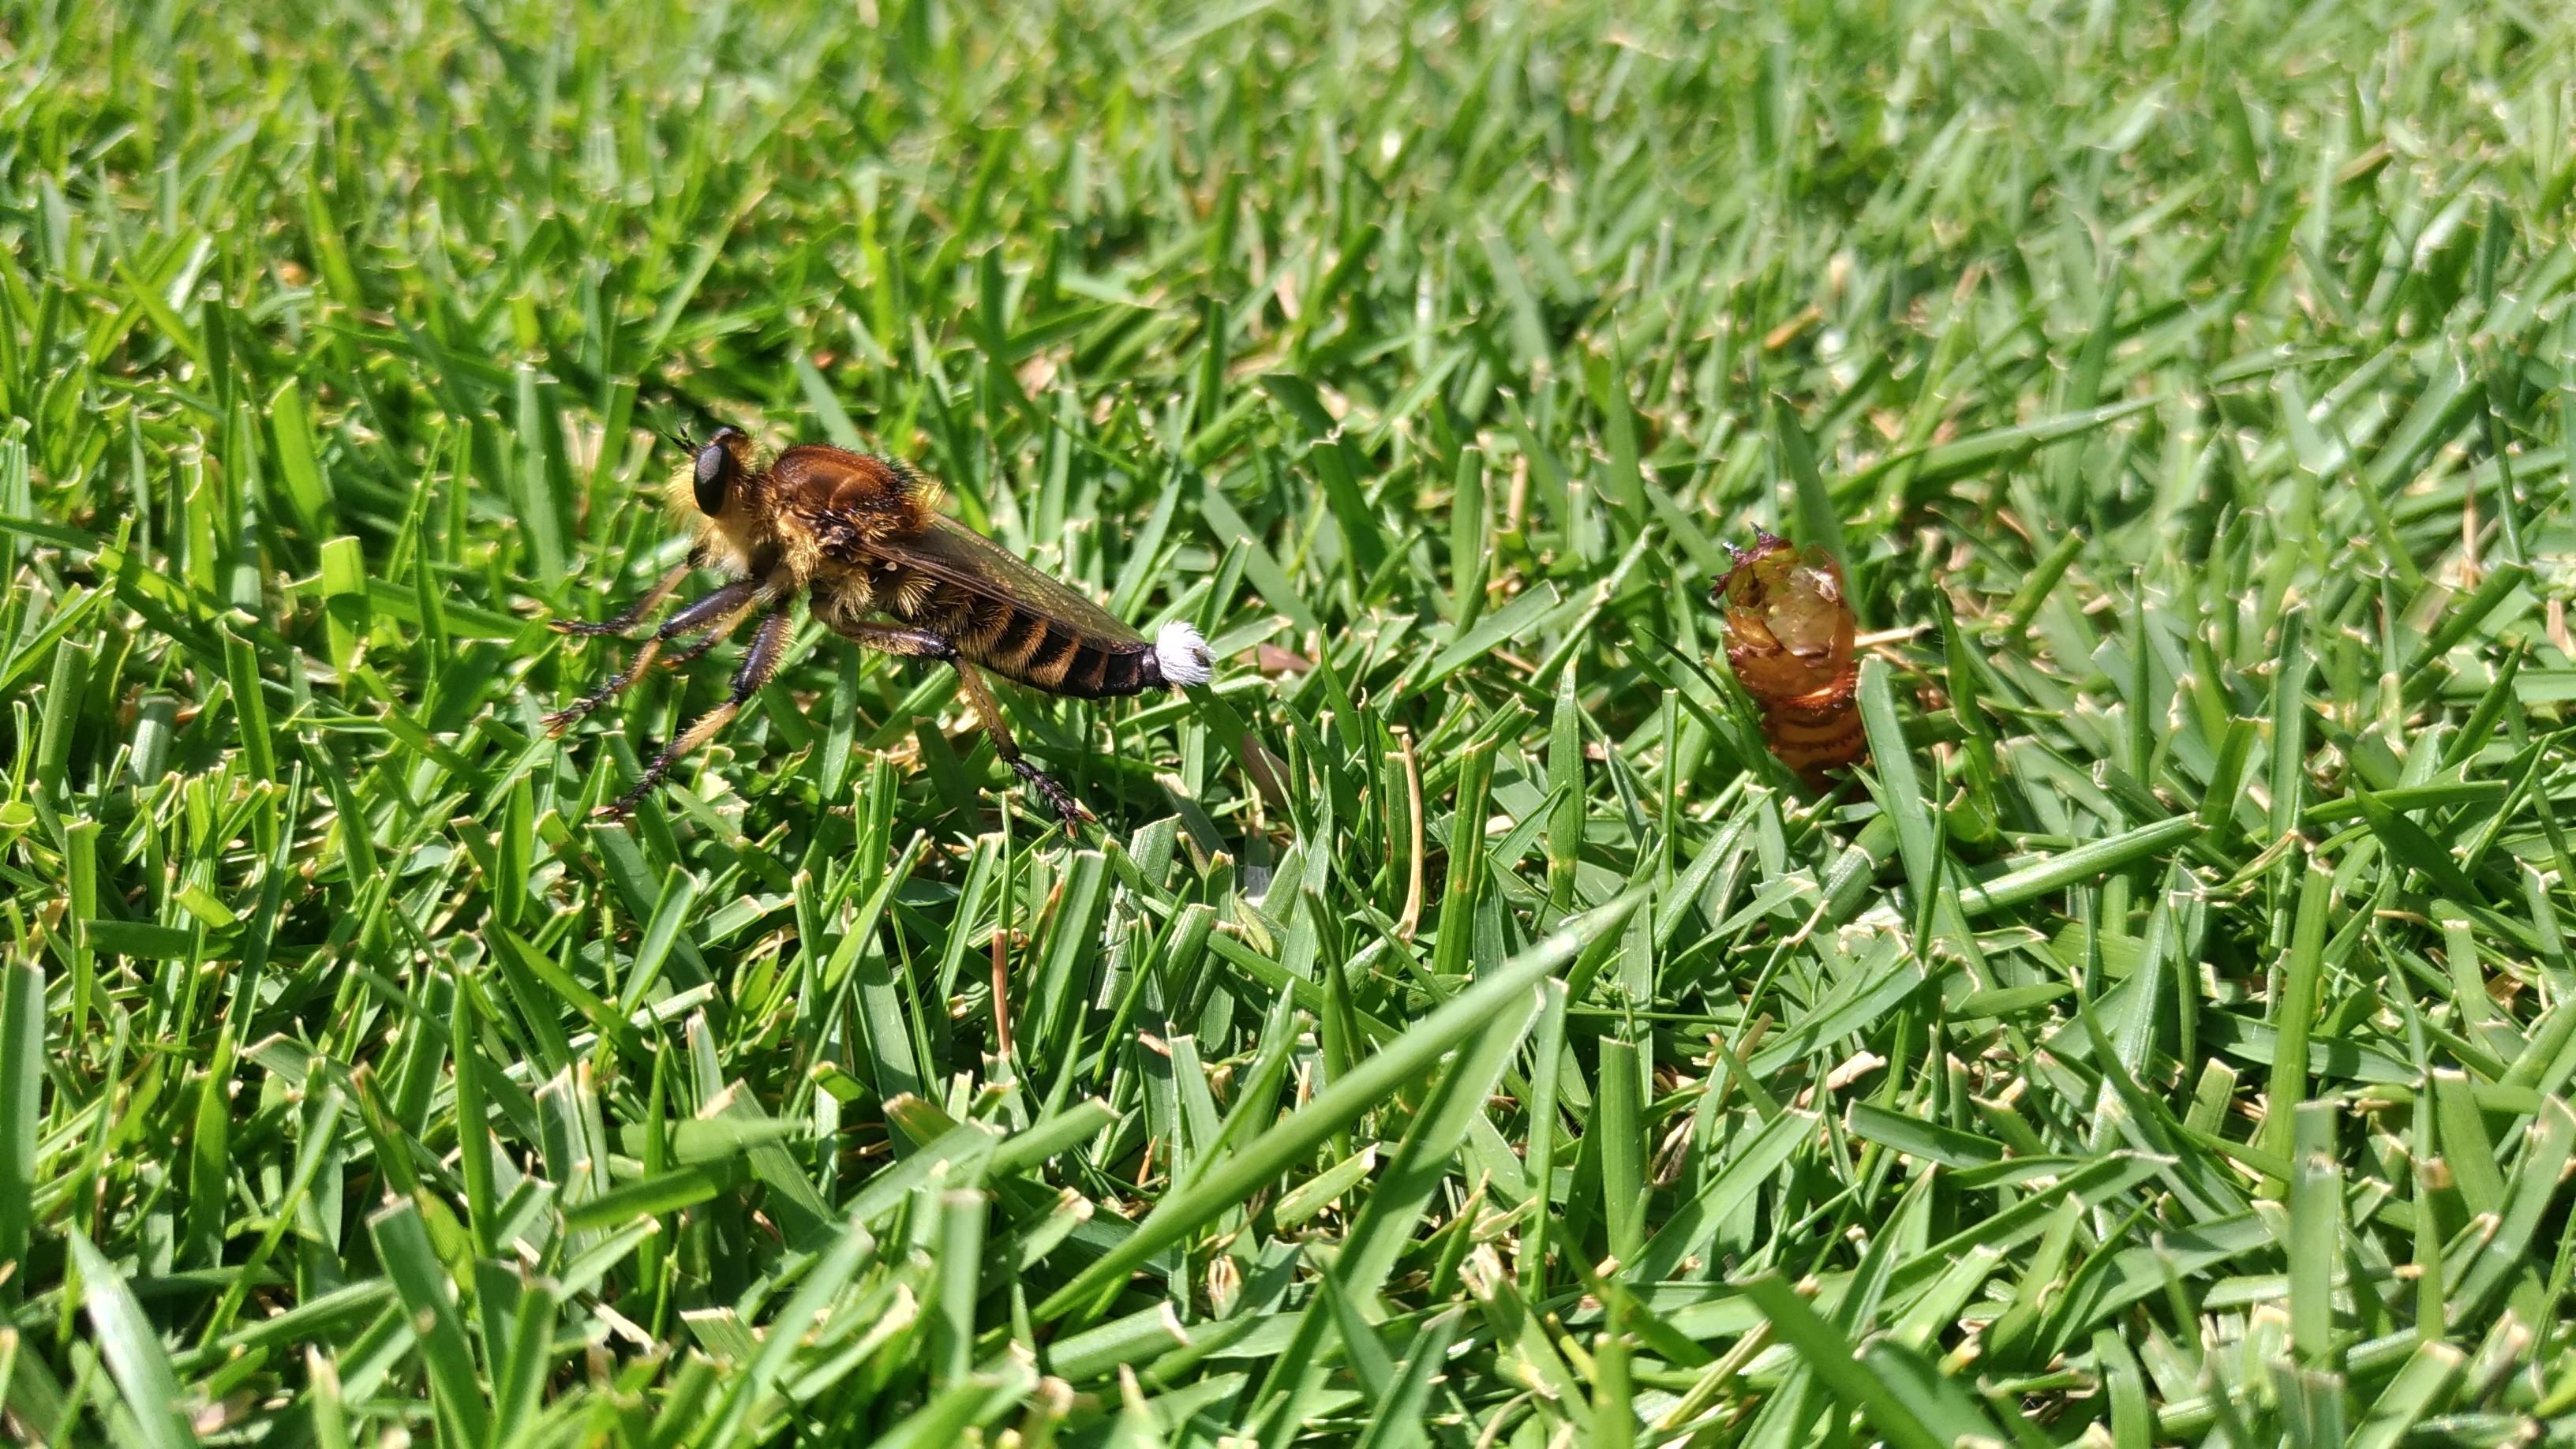 芝生の益虫シオヤアブの生態😃✨